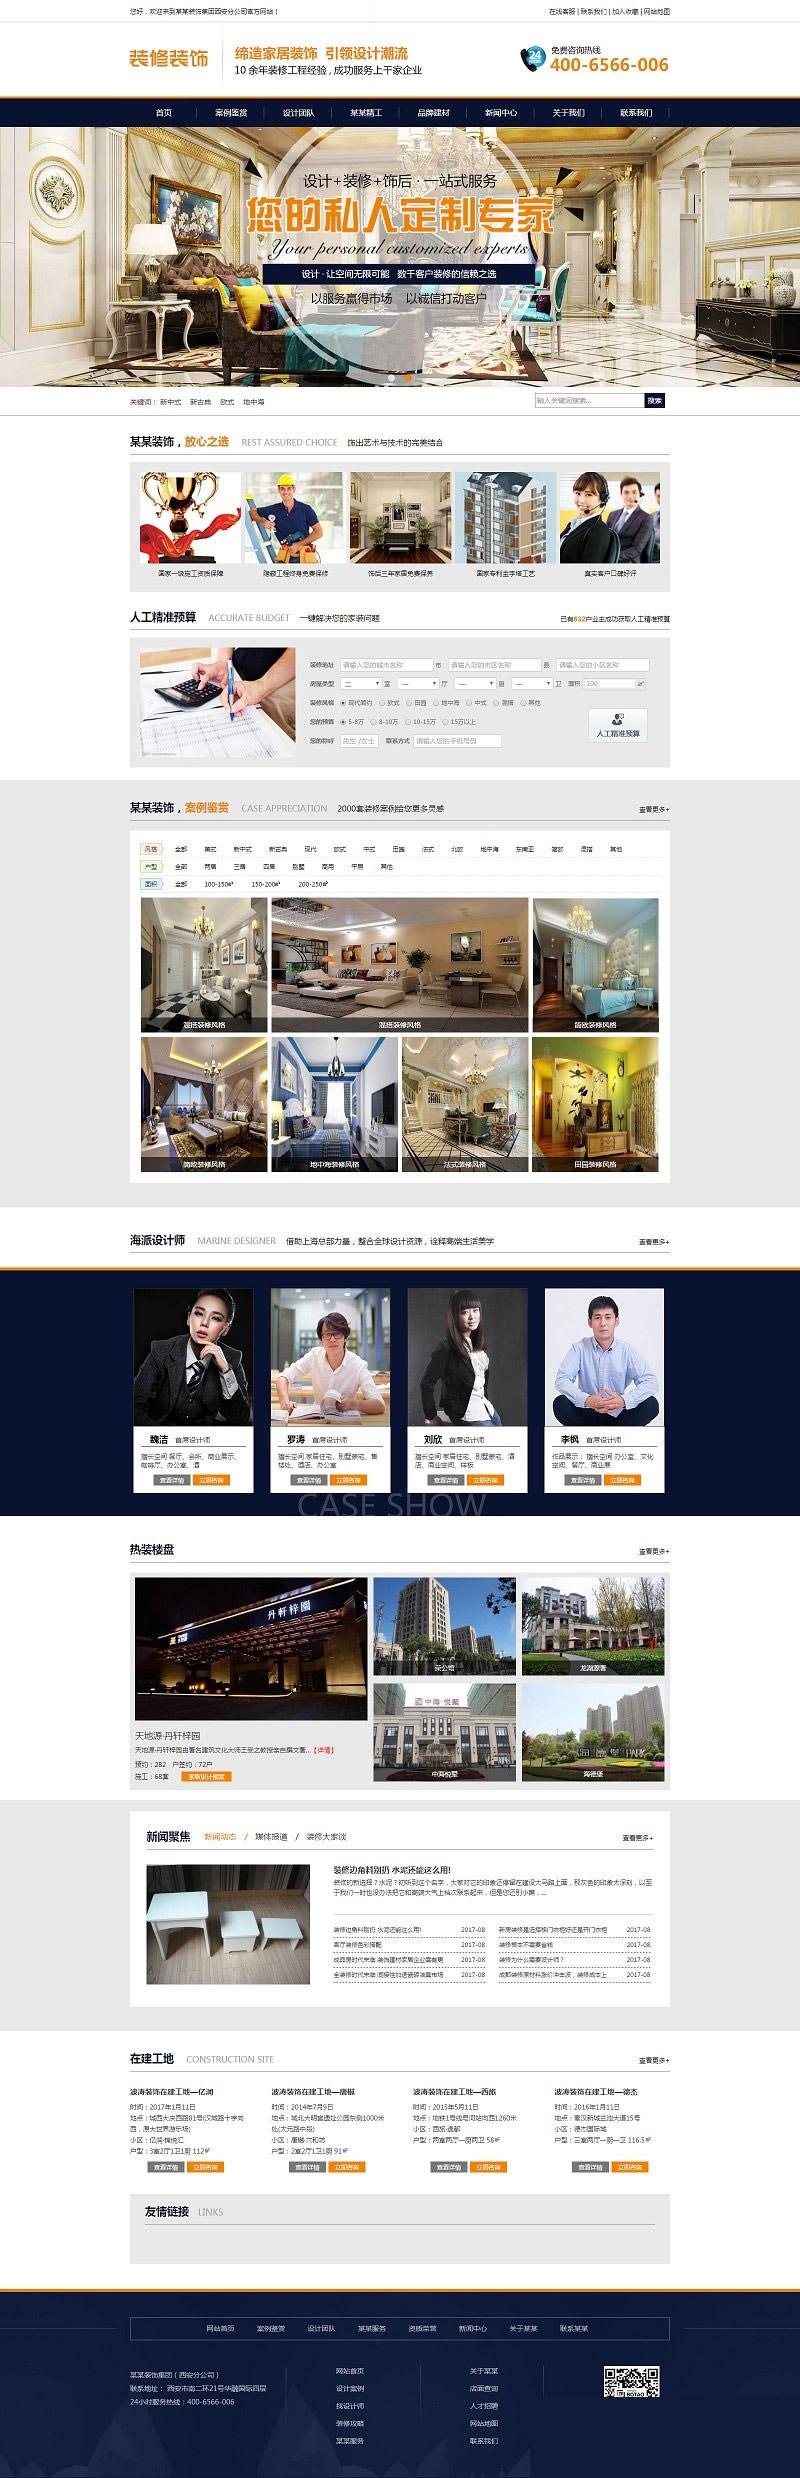 家居装饰装修工程公司网站源码 织梦dedecms模板-律白资源博客